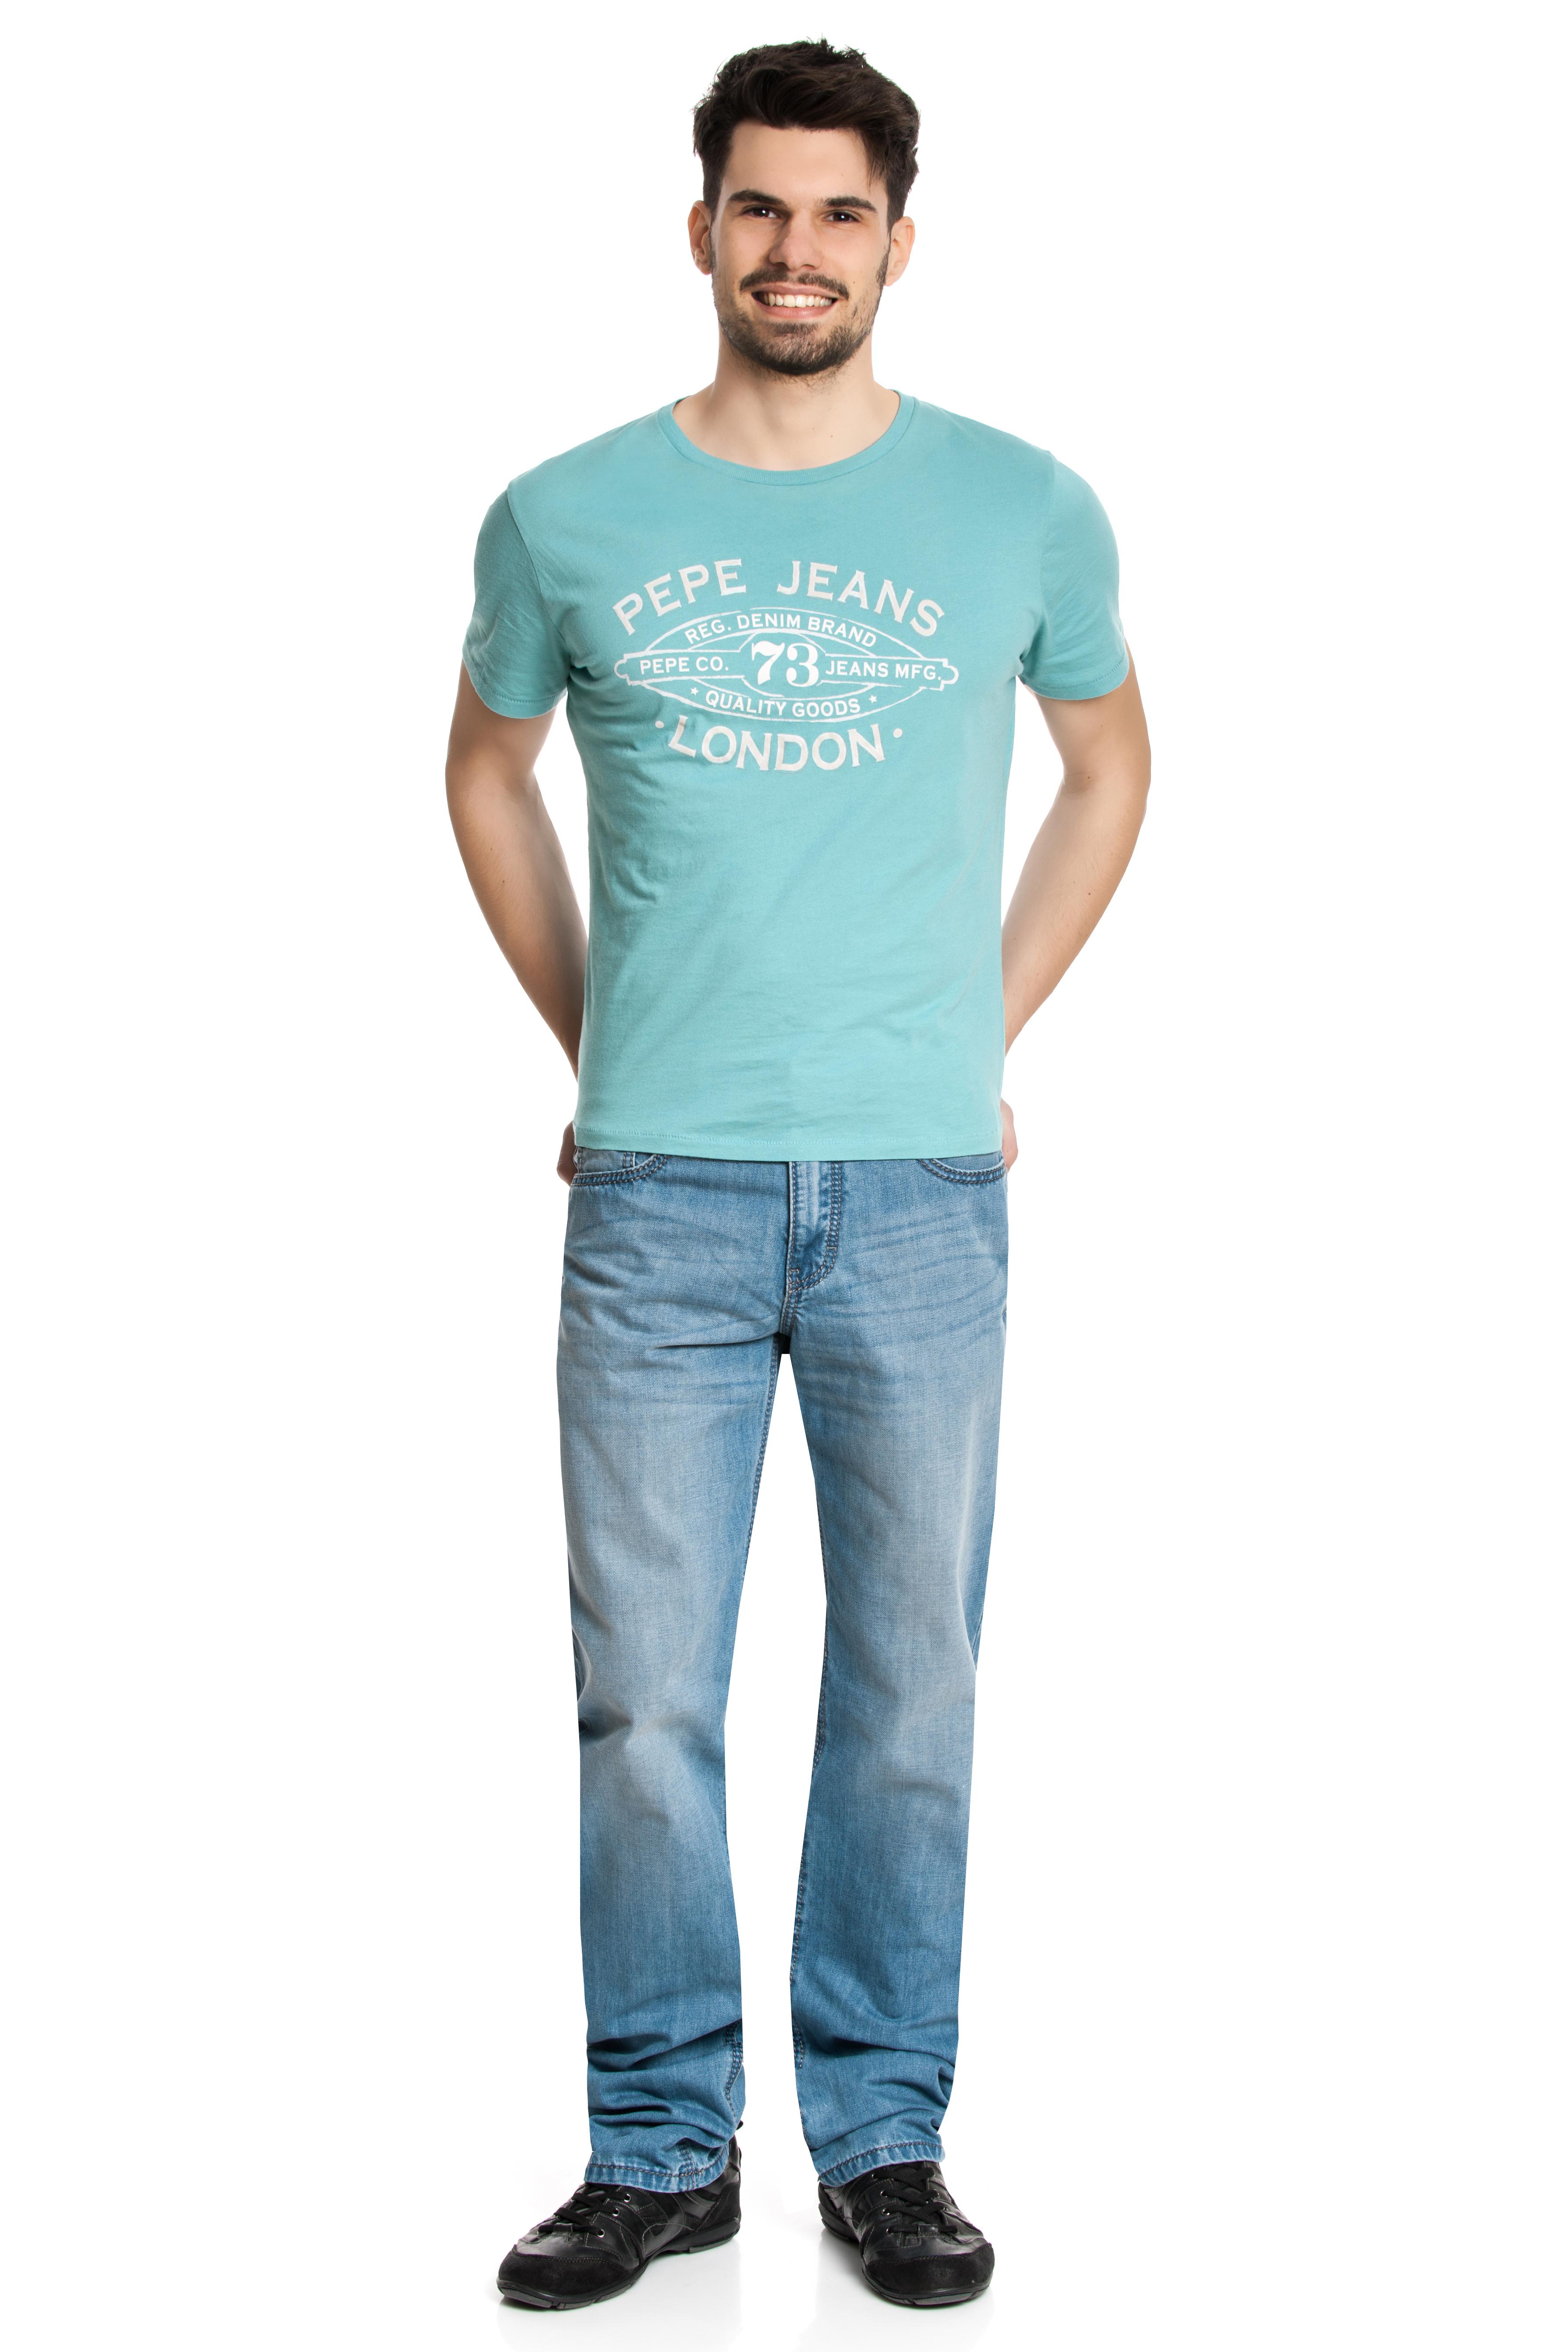 Paddock's Carter Jeans in Überlänge